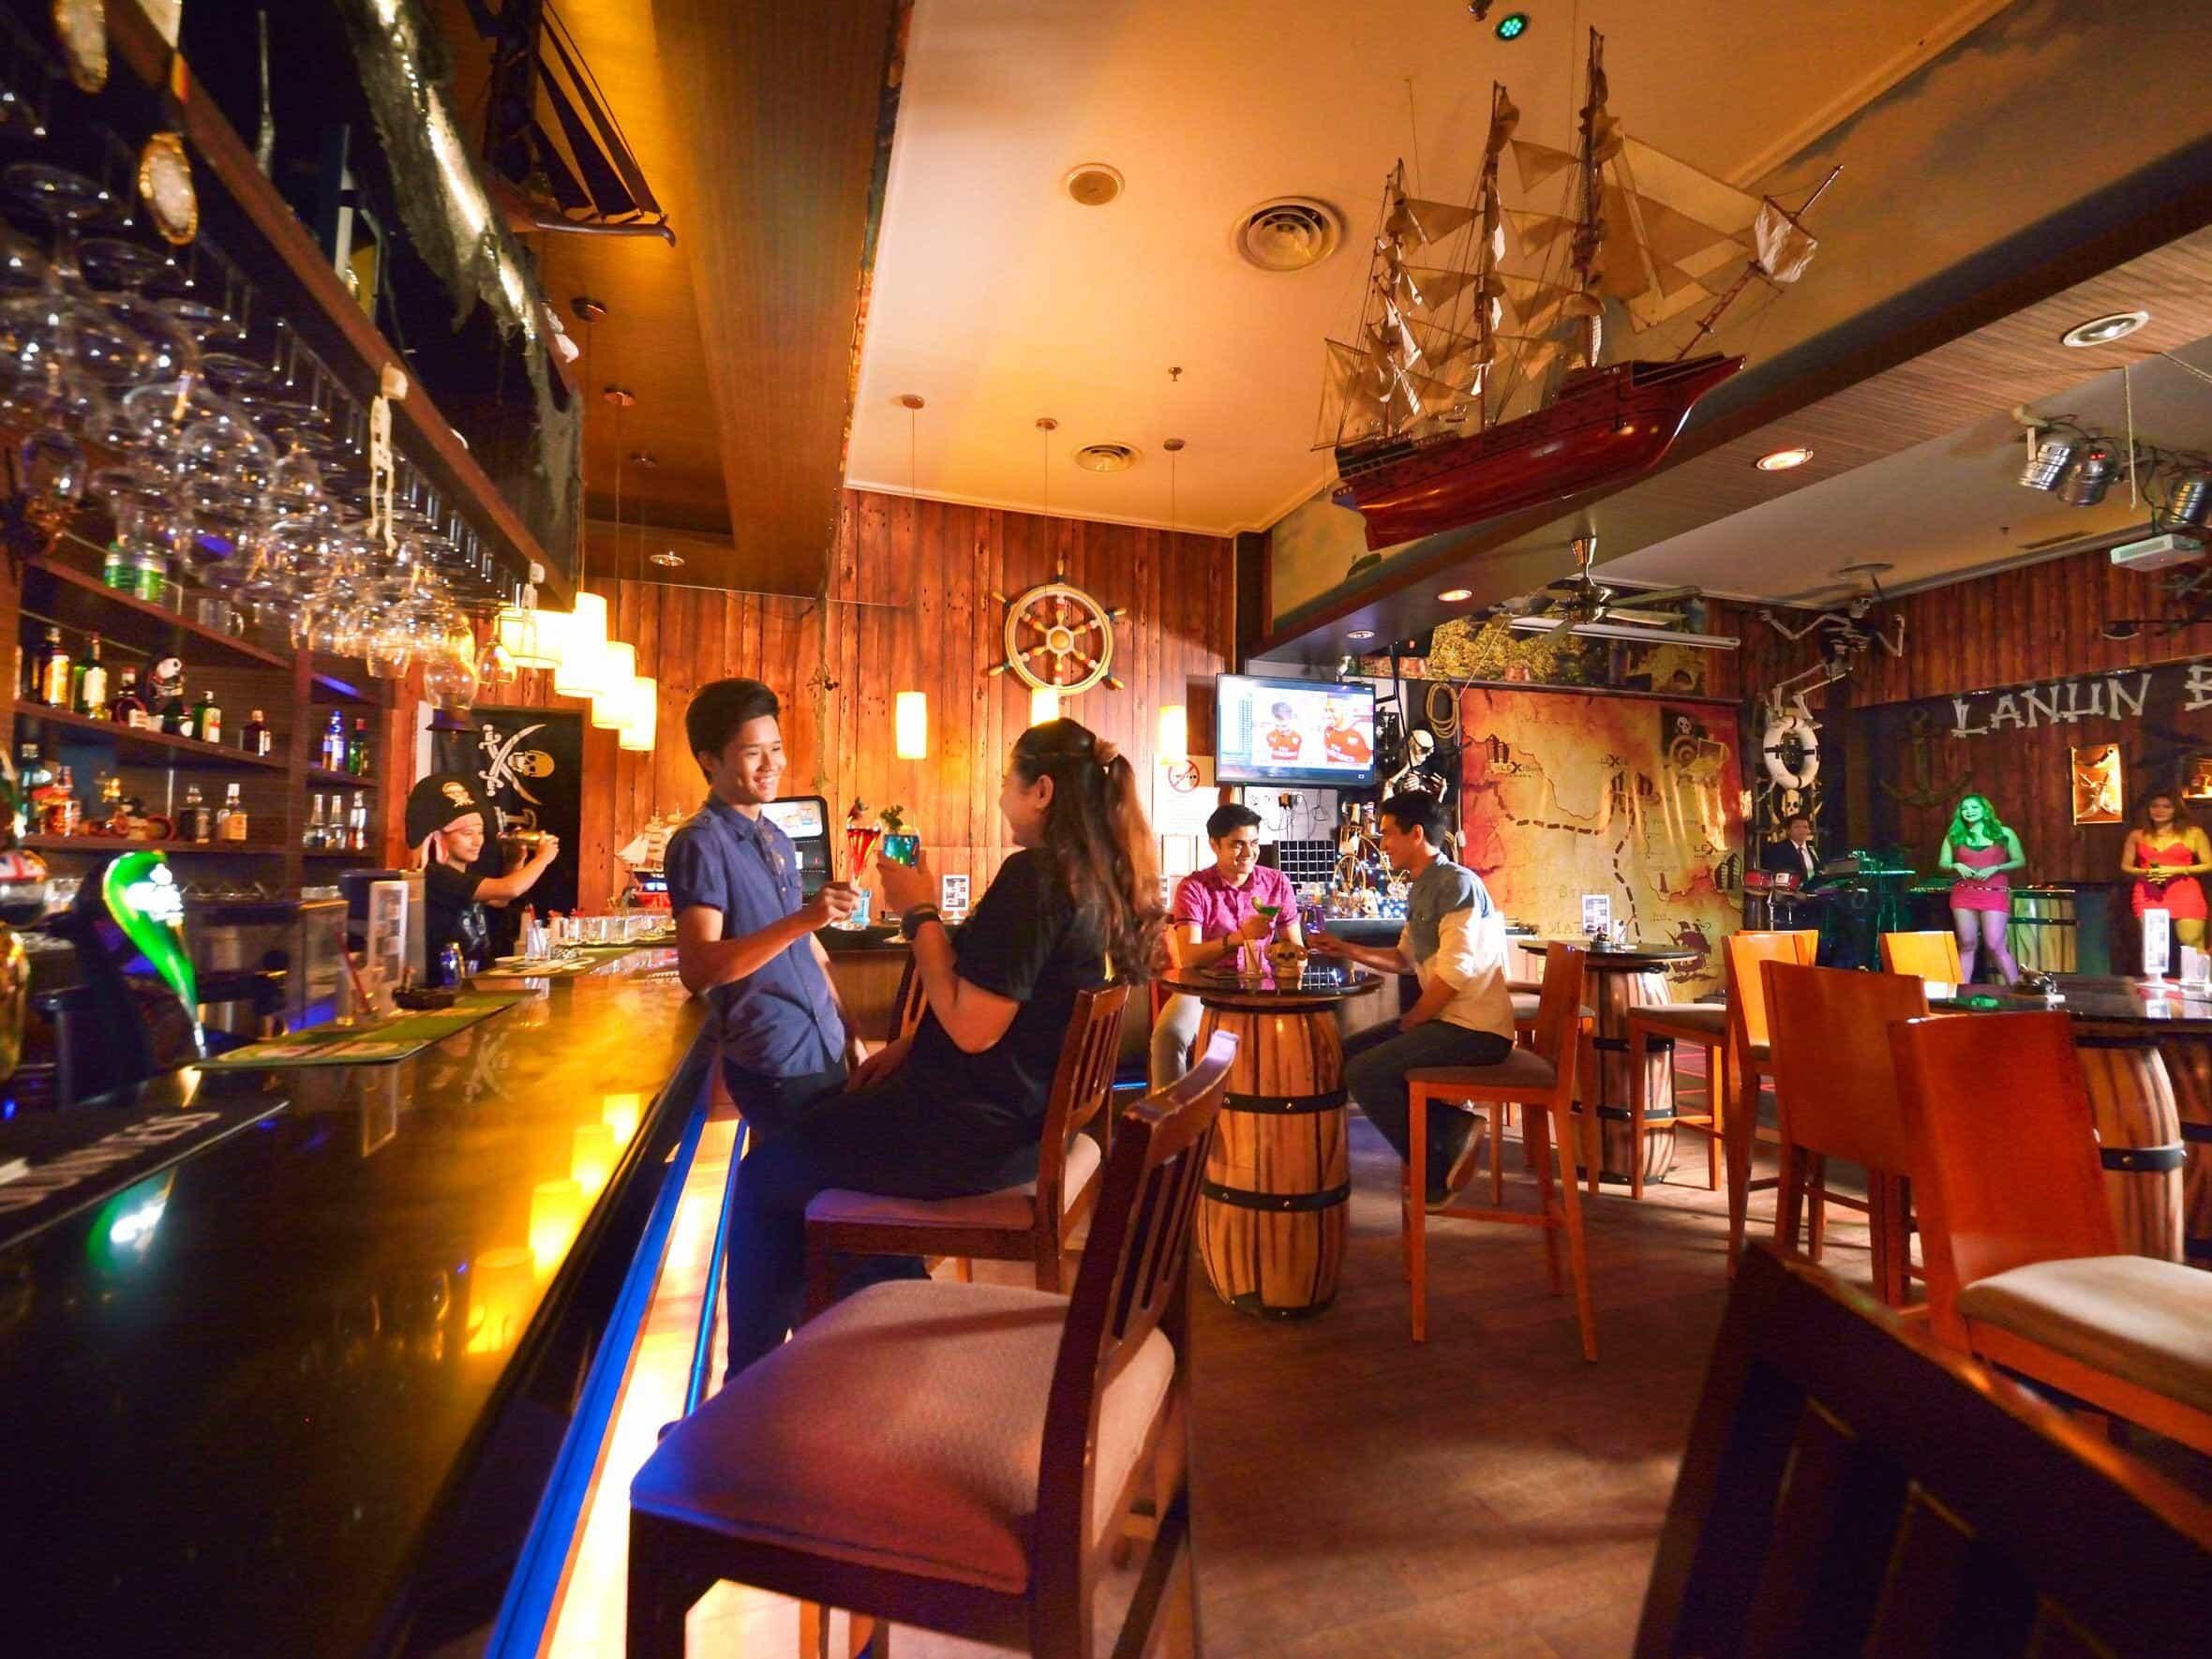 Lanun bar view 1